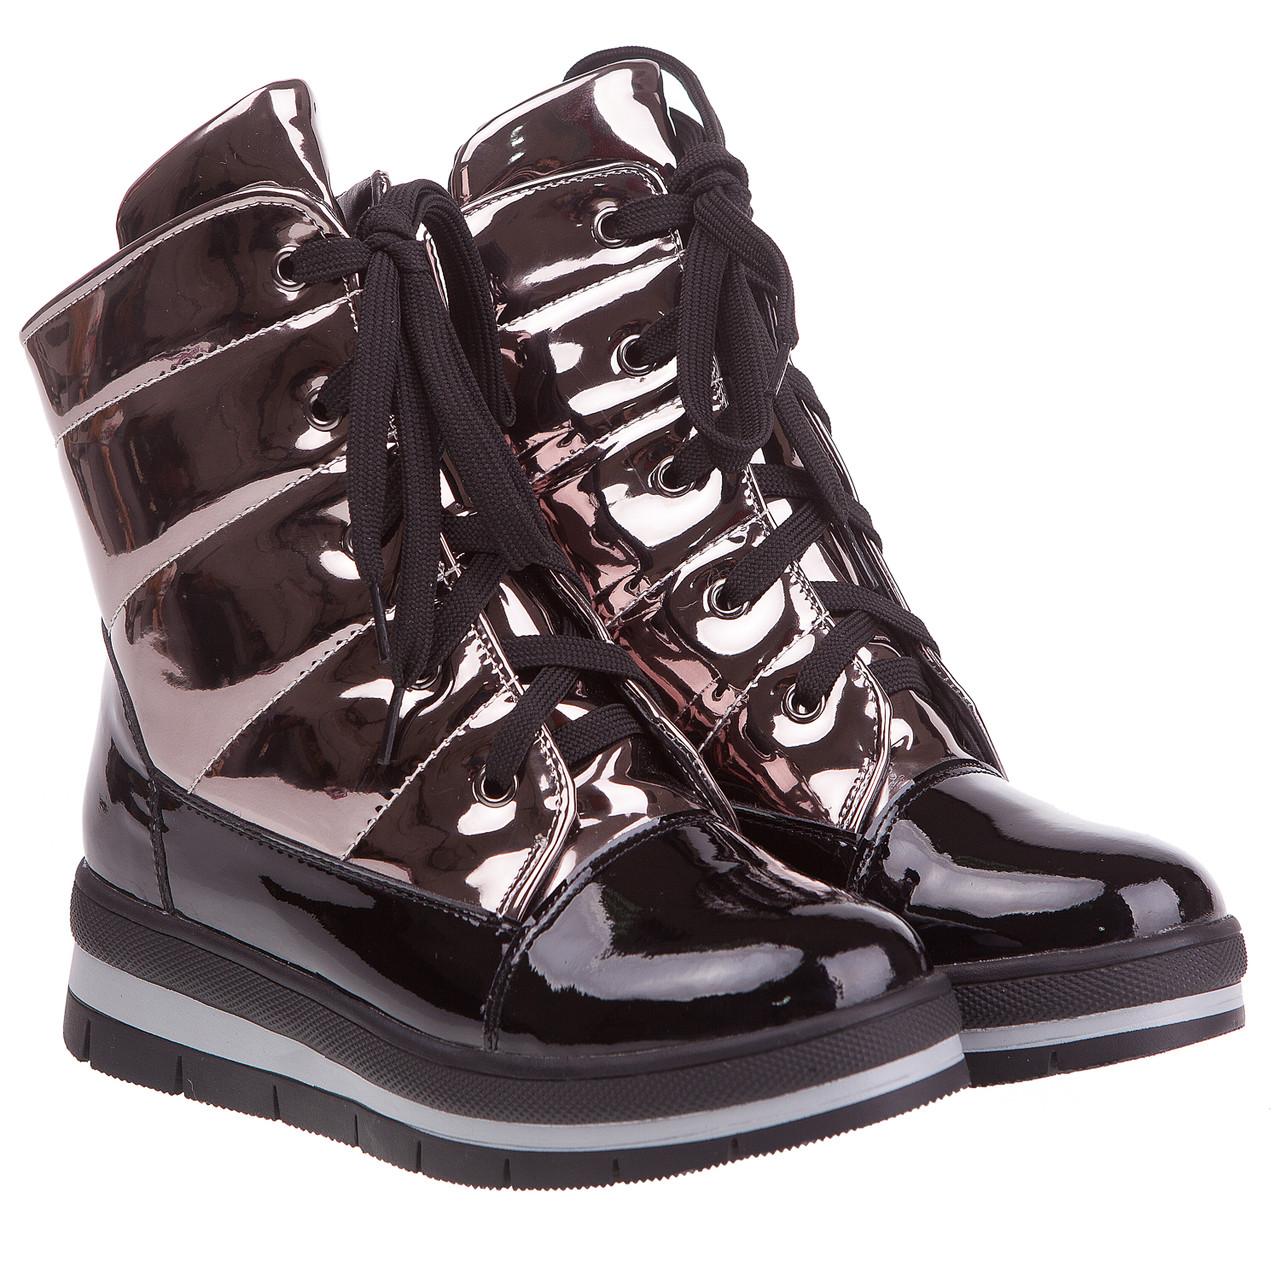 94c1aeaa Купить Ботинки женские Prima D'arte (модные, на шнурках, удобные ...